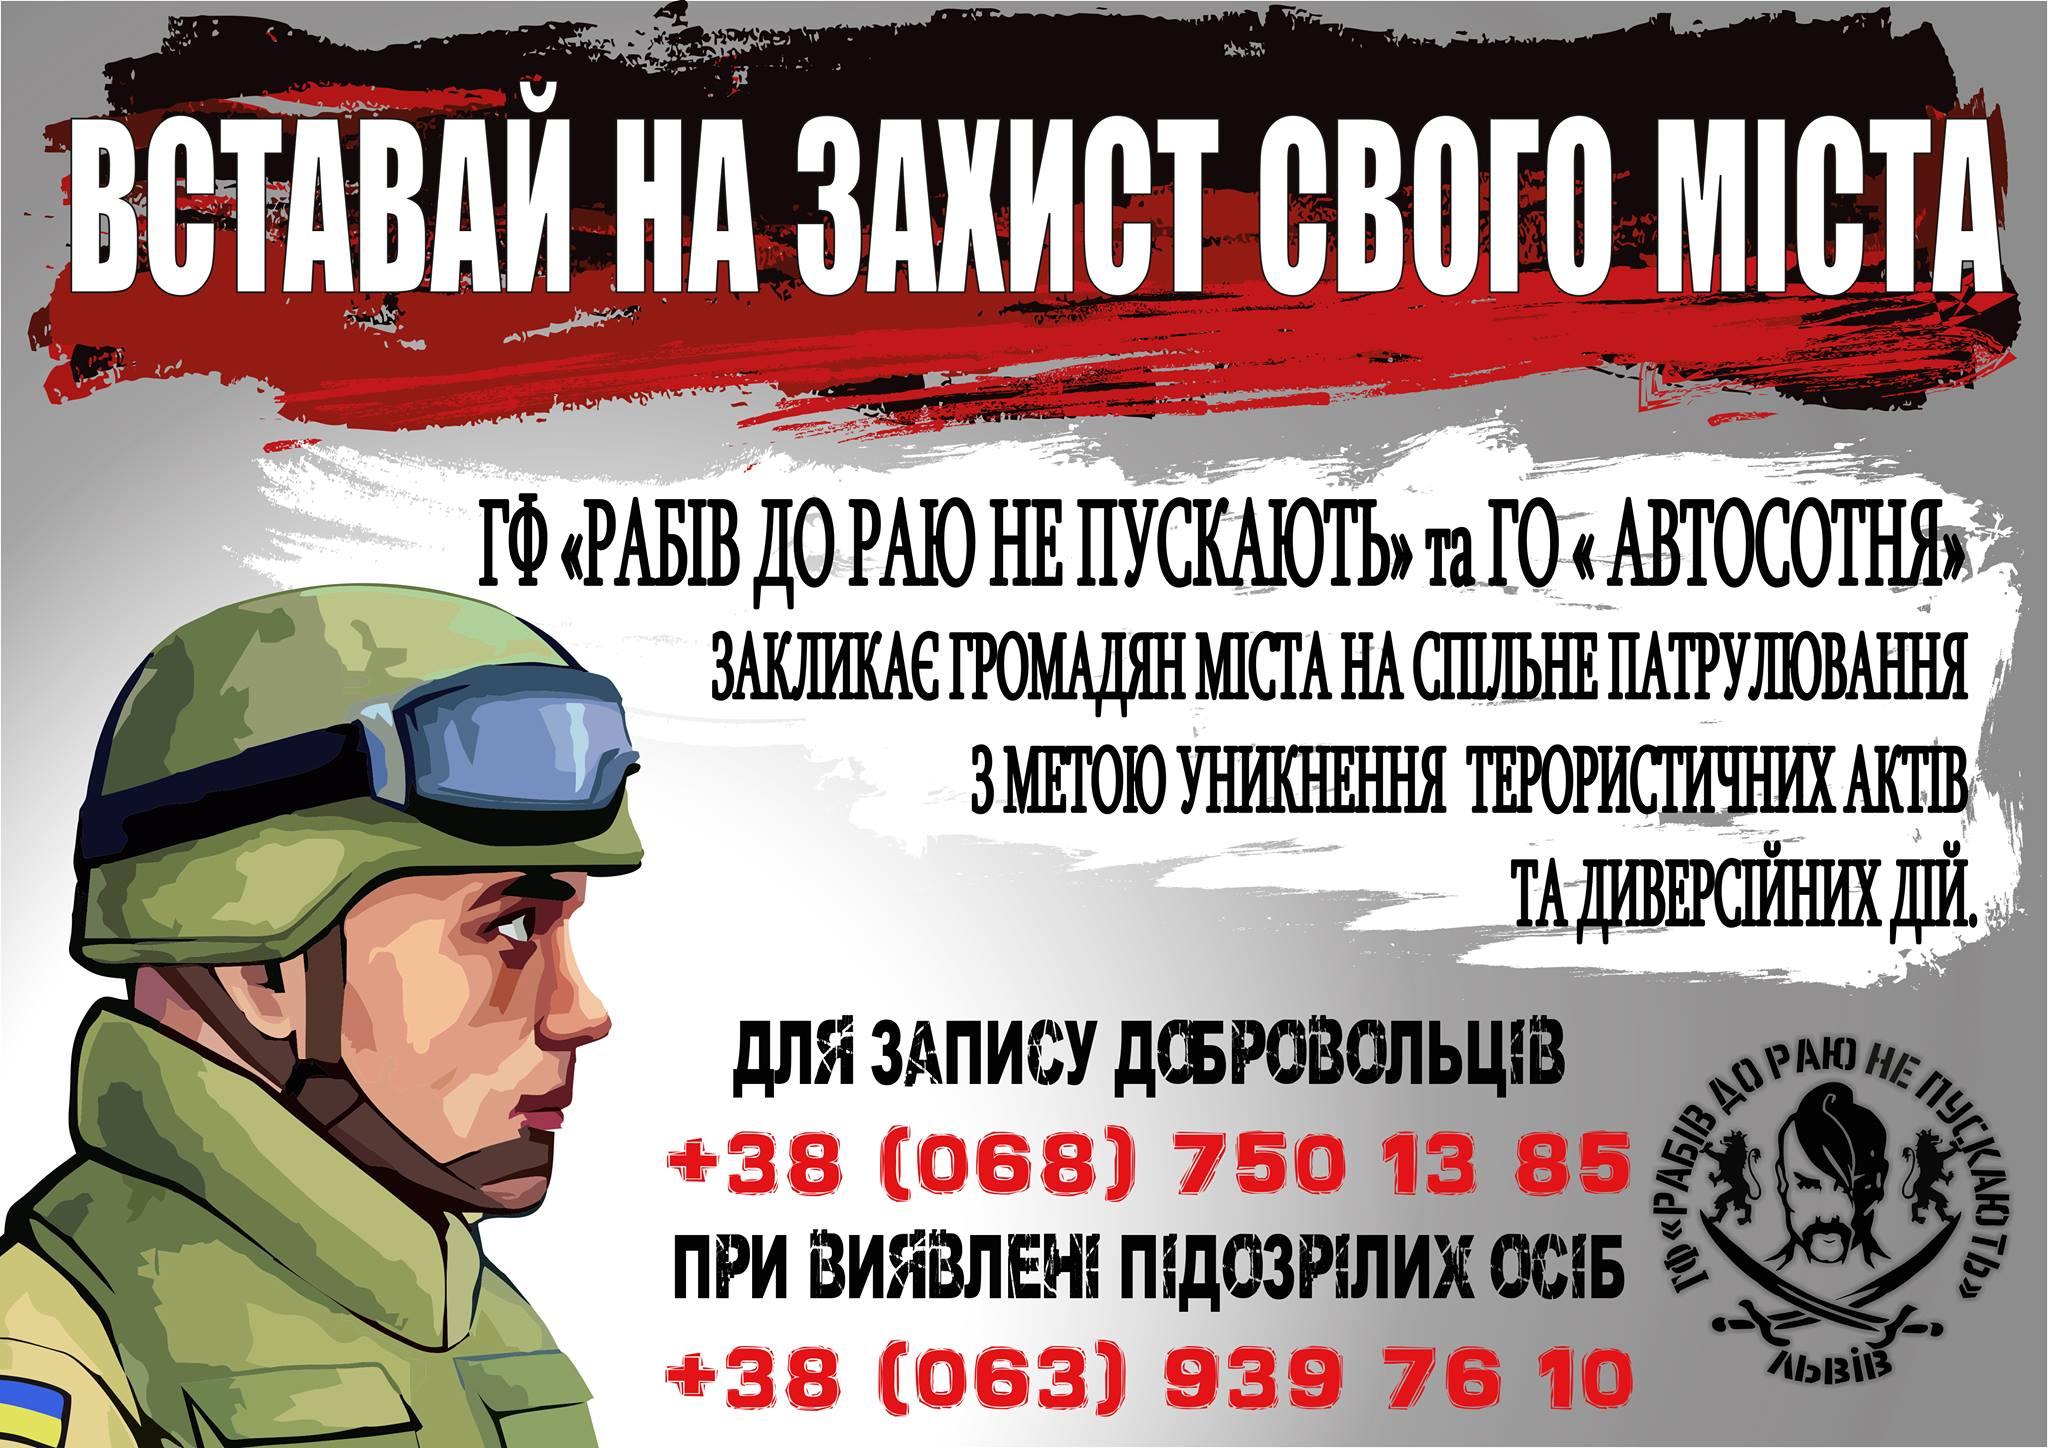 Громадські організації Львова доєднаються до патрулювання вулиць міста